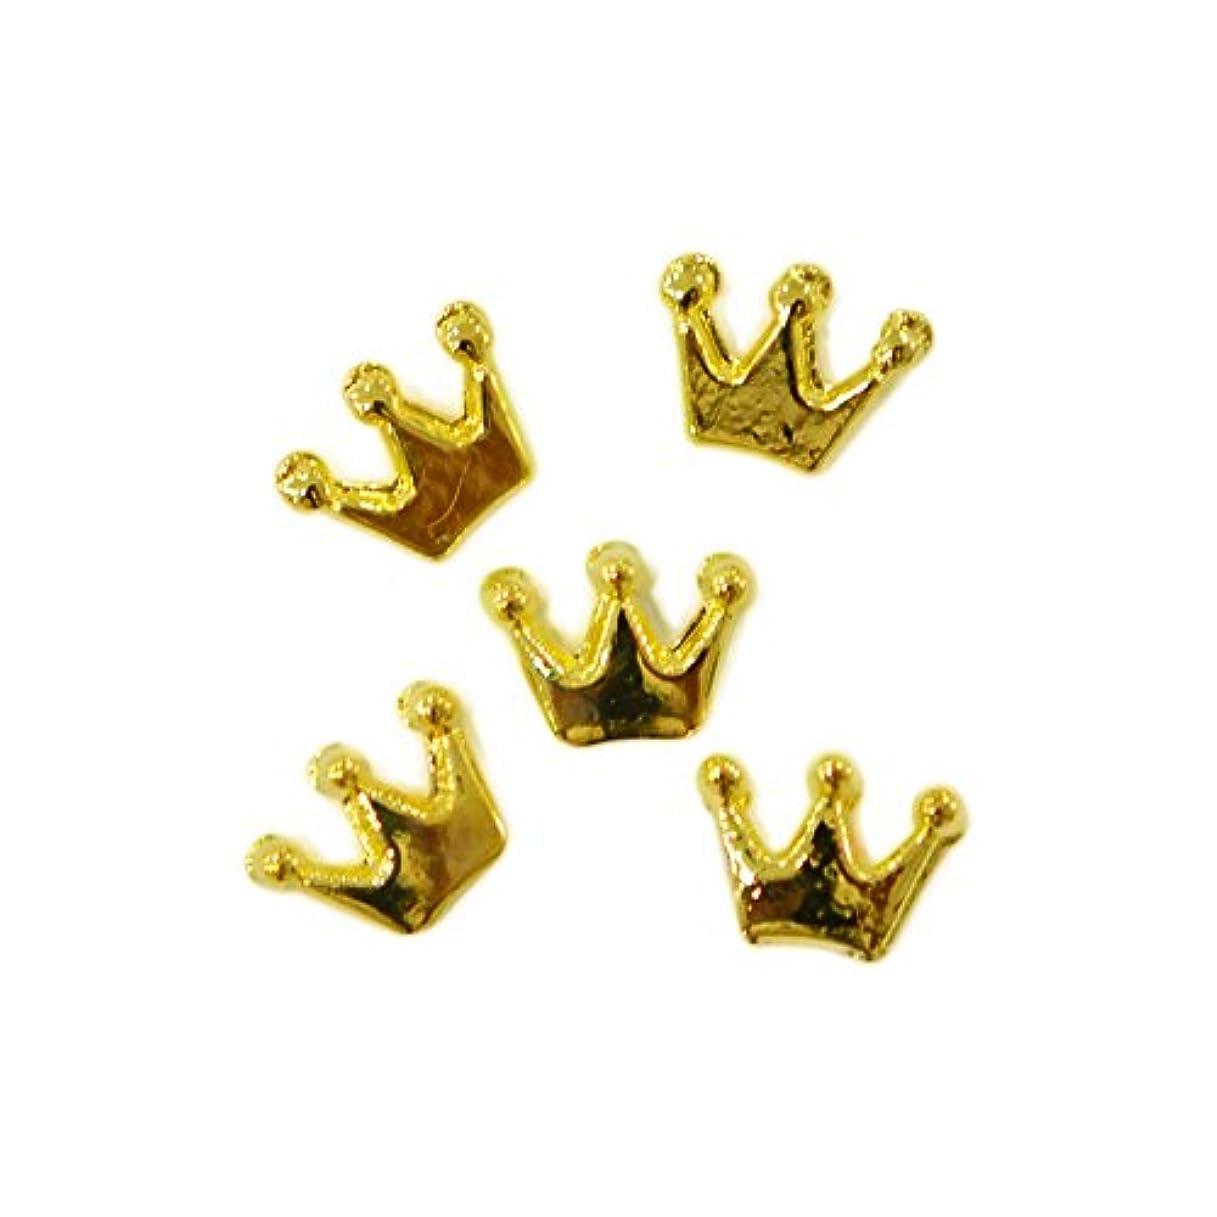 メタルパーツ crown 6mm×4mm ゴールド 5個 MP10158 王冠